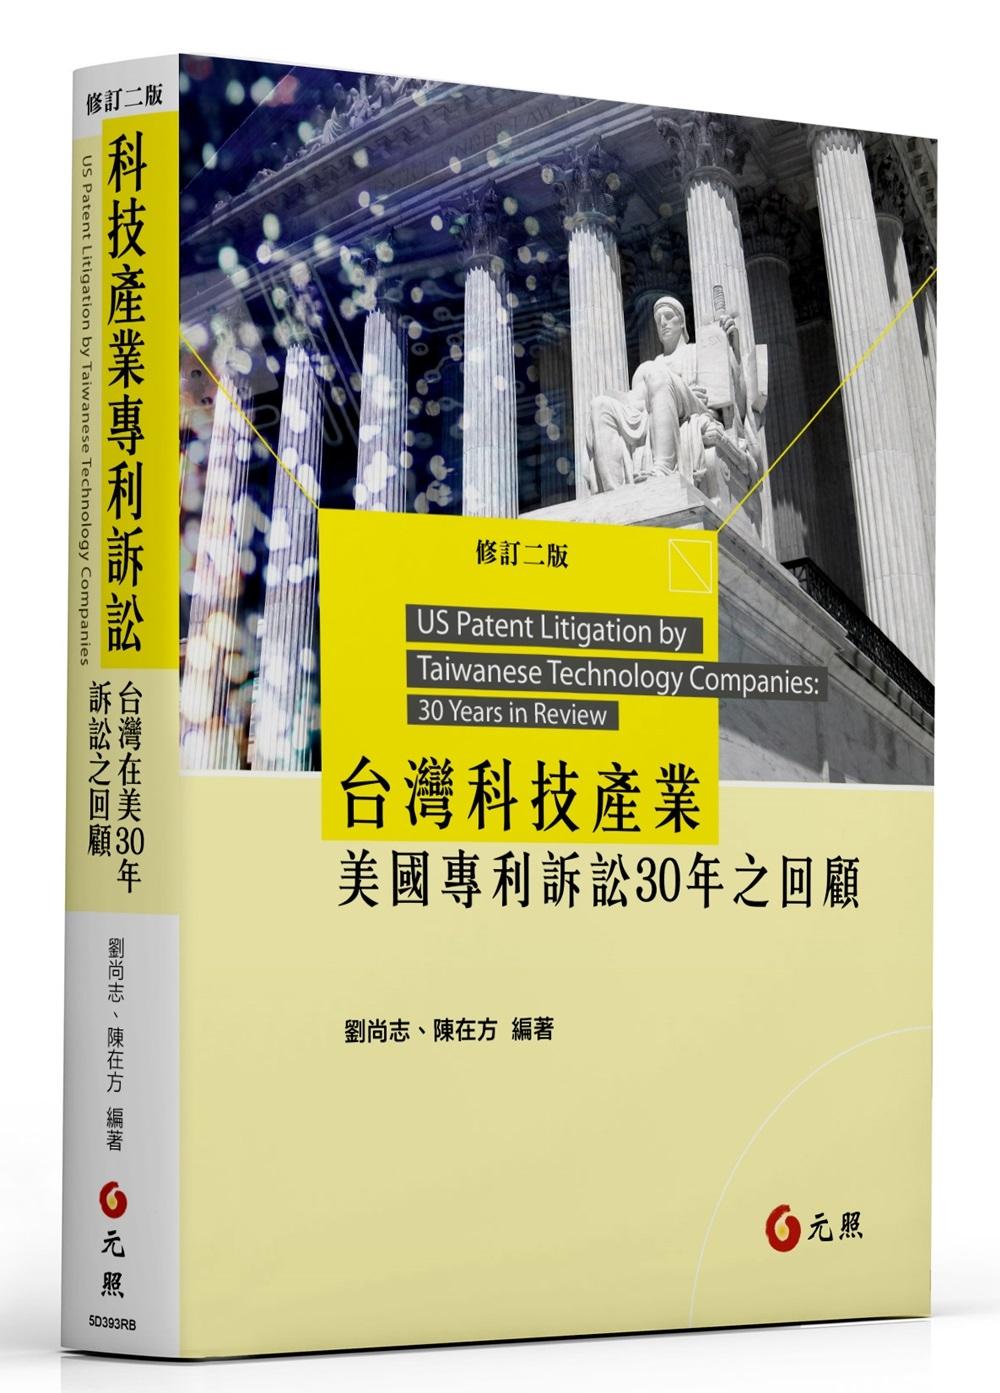 台灣科技產業美國專利訴訟30年之回顧(二版)